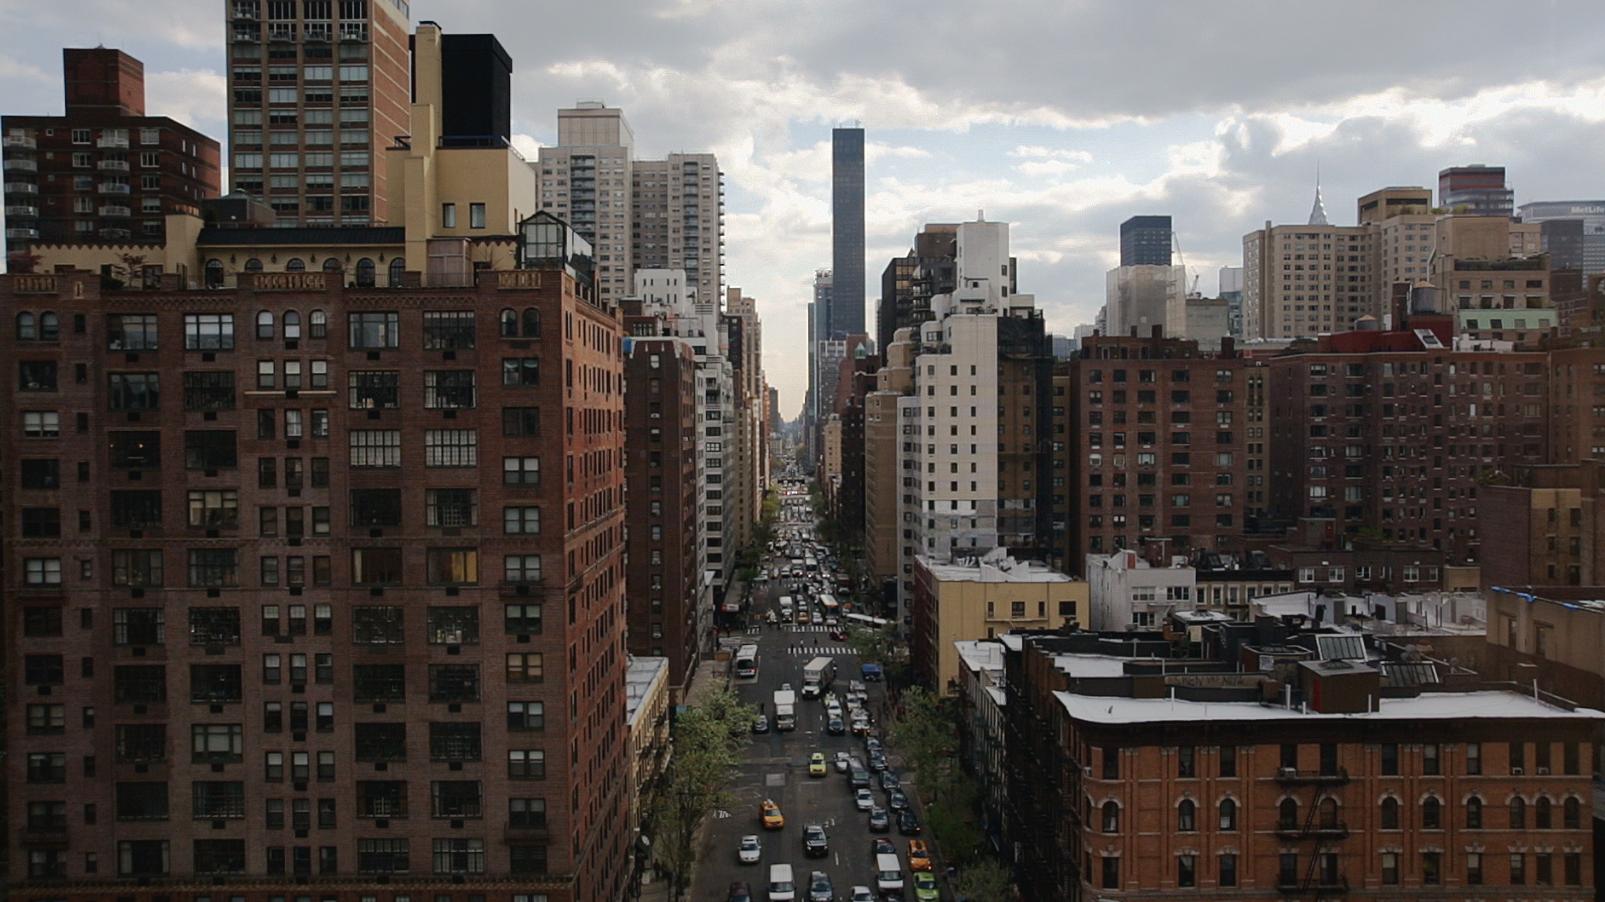 Dittos NYC